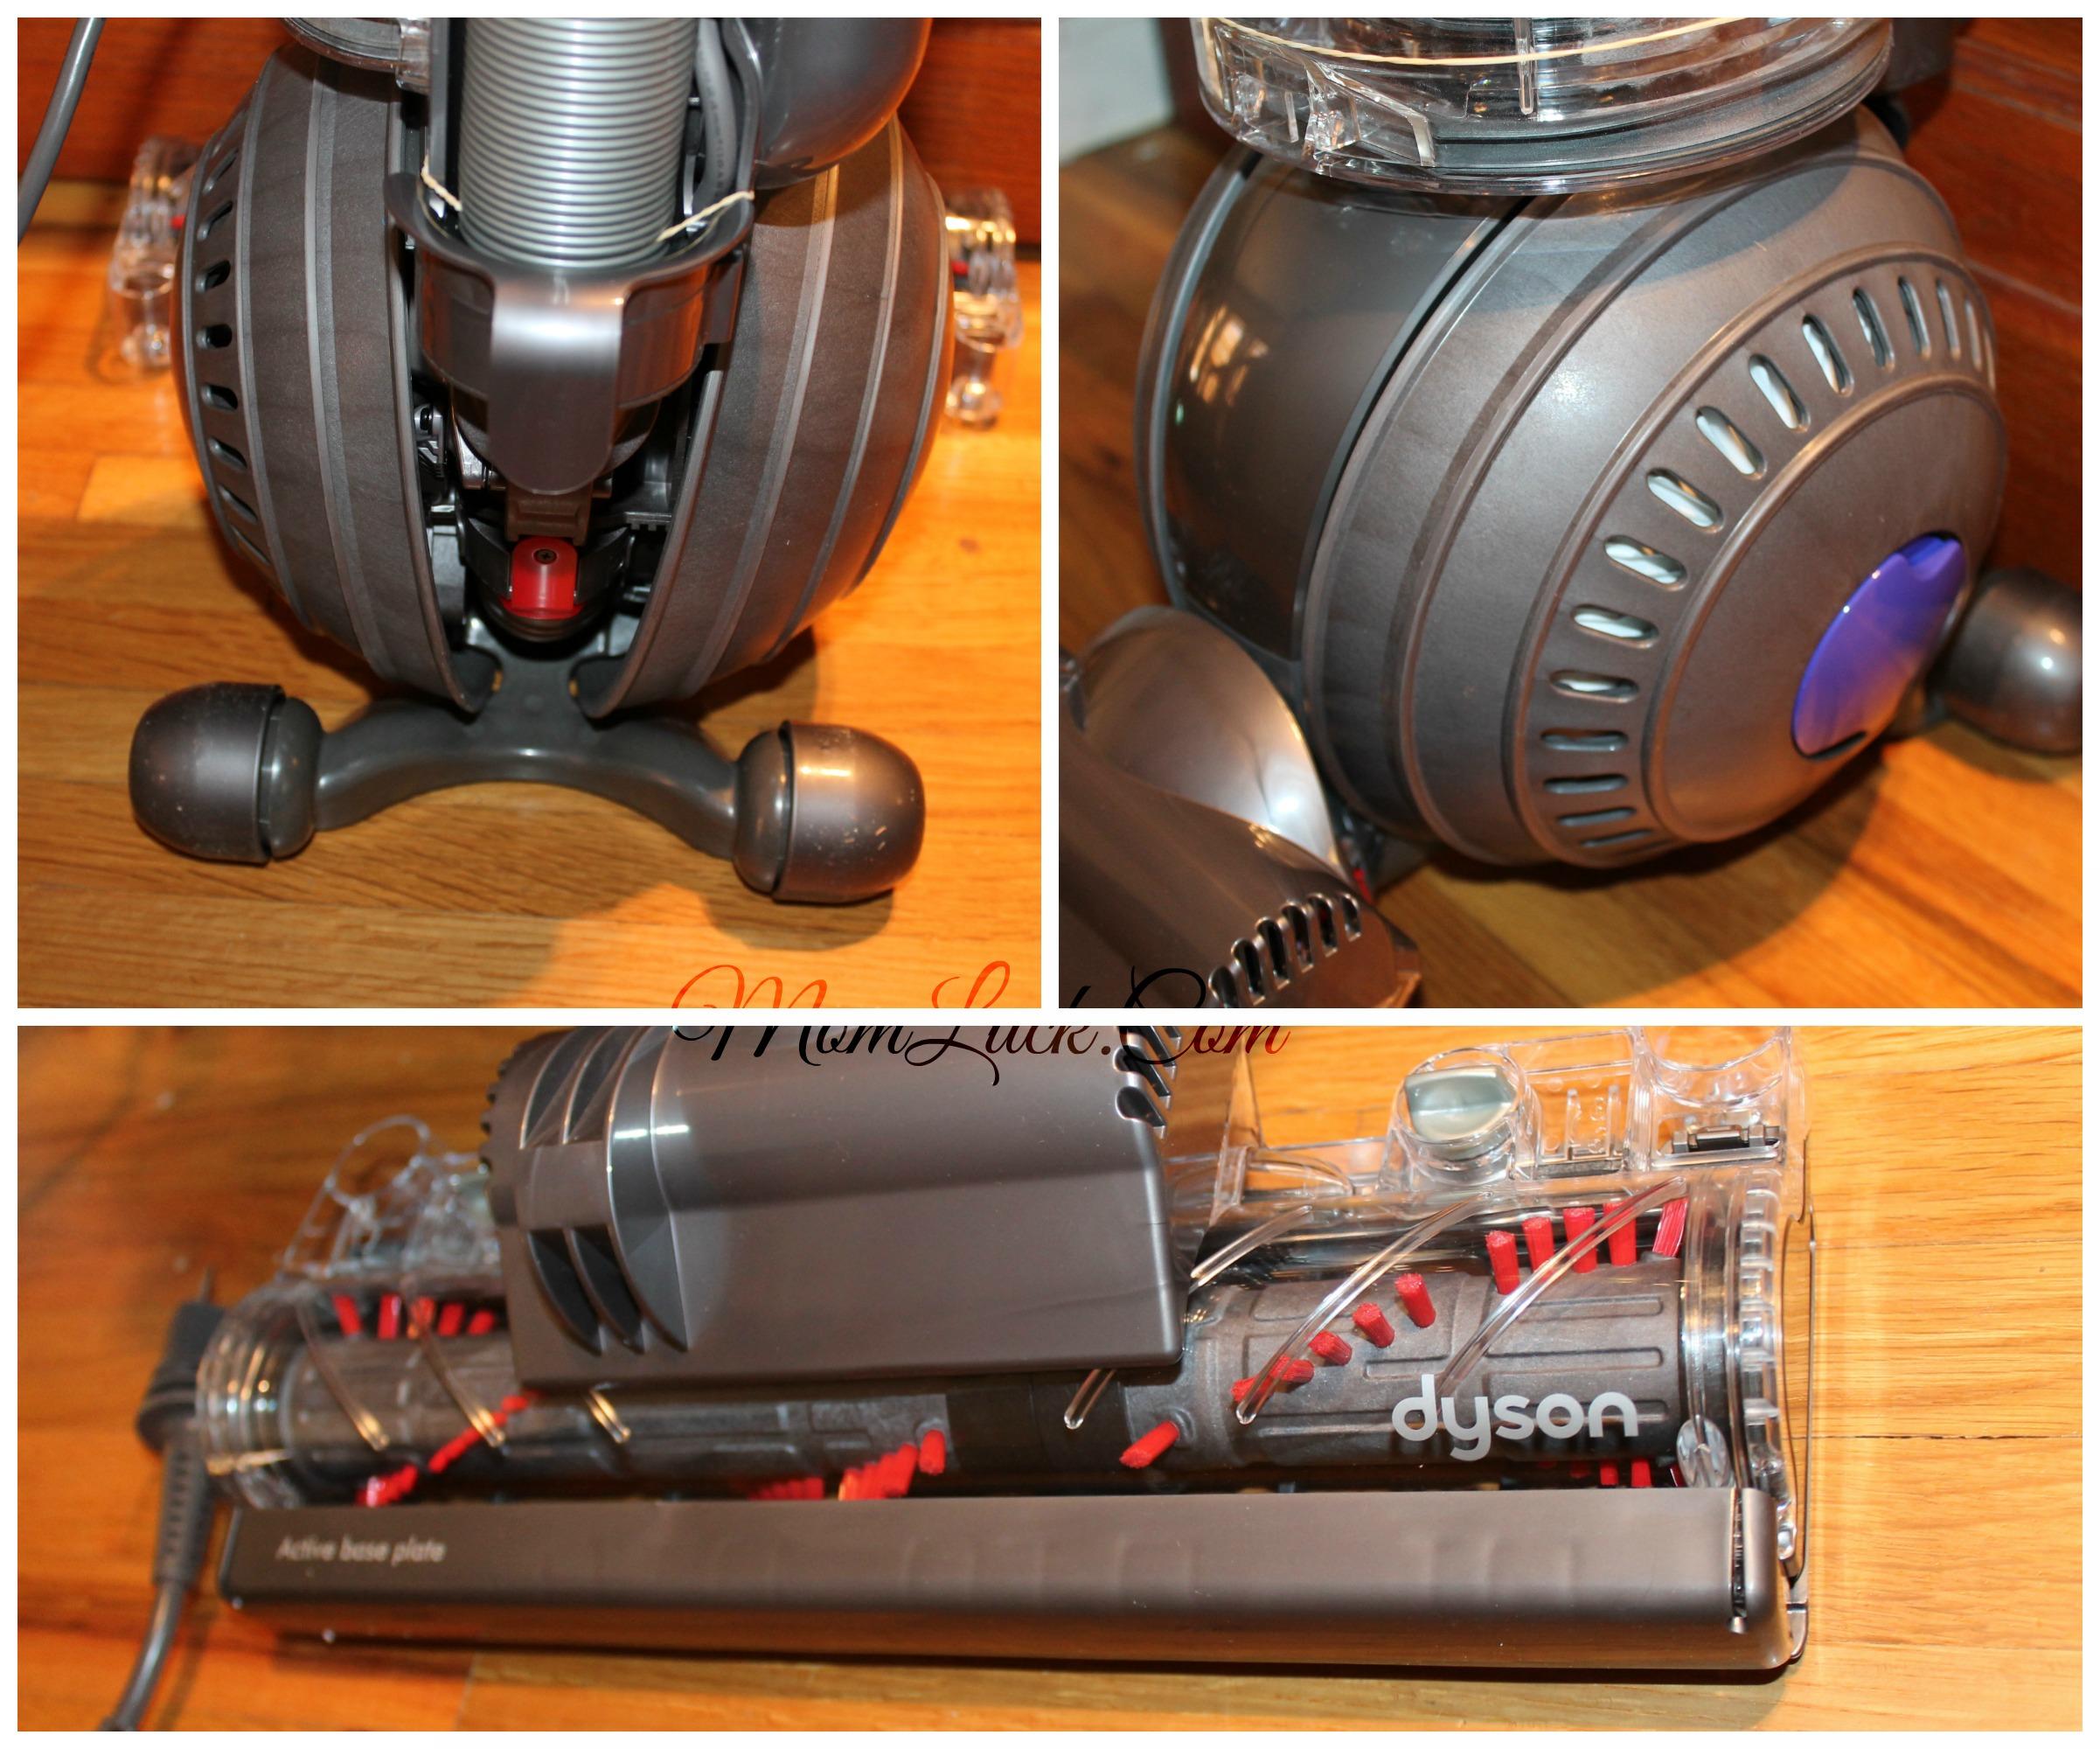 dyson vacuum instructions dc41